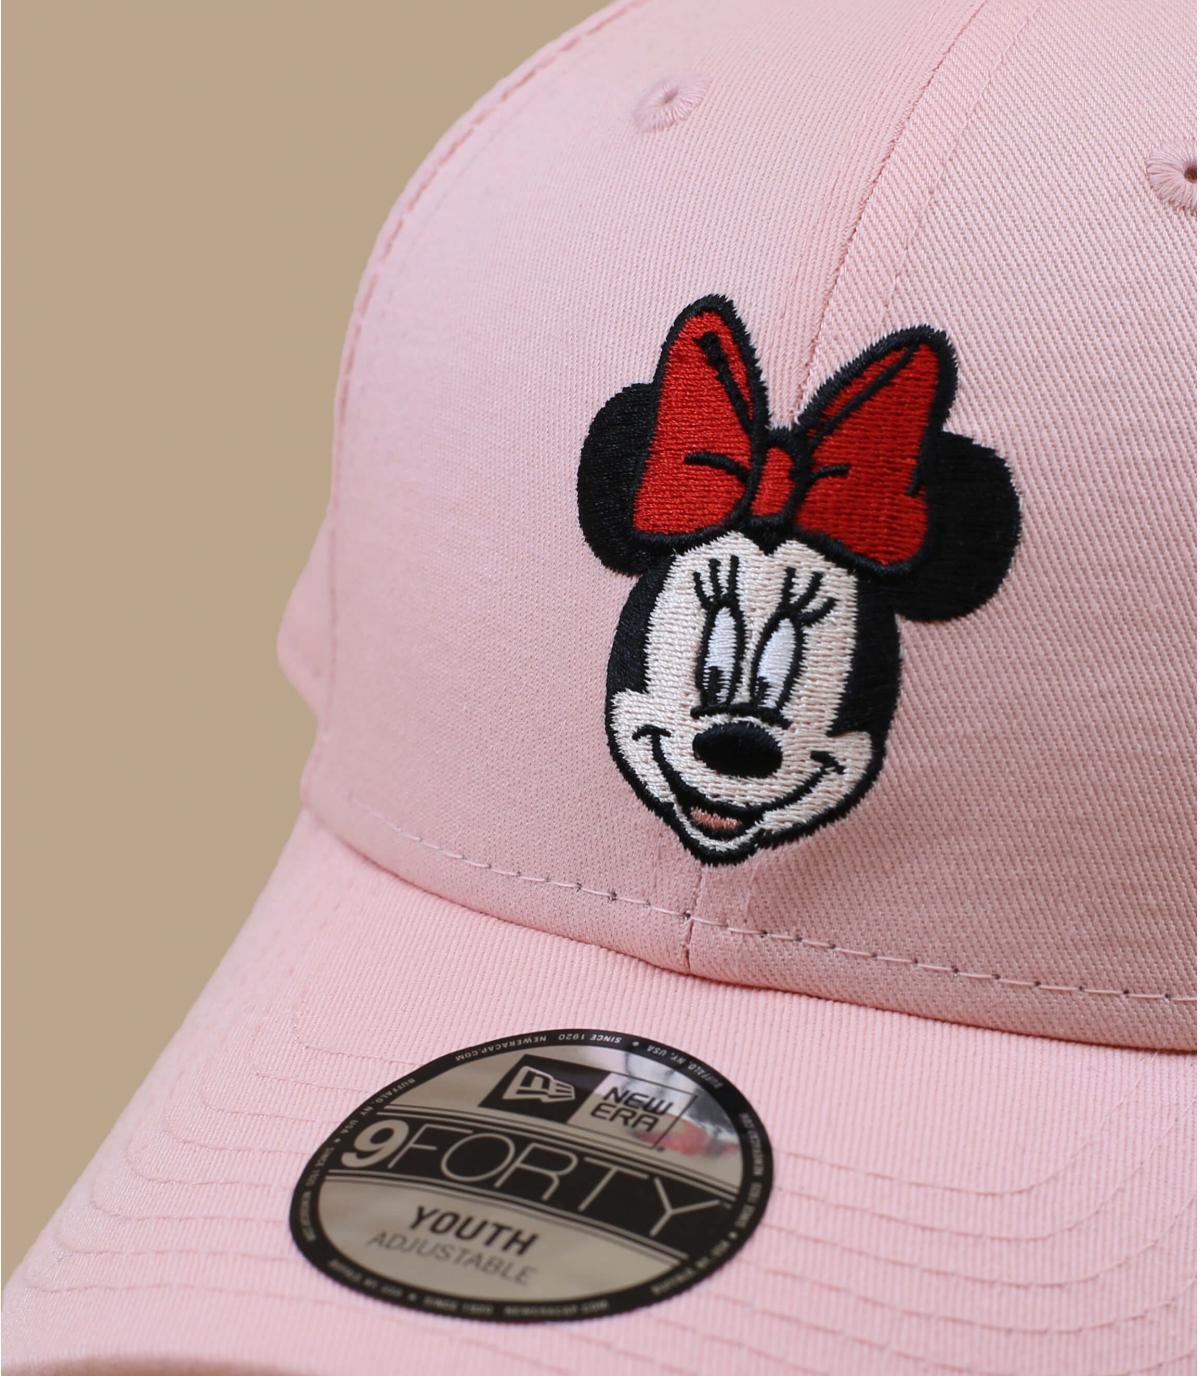 Détails Casquette Kids Minnie Character pink lemonade - image 2